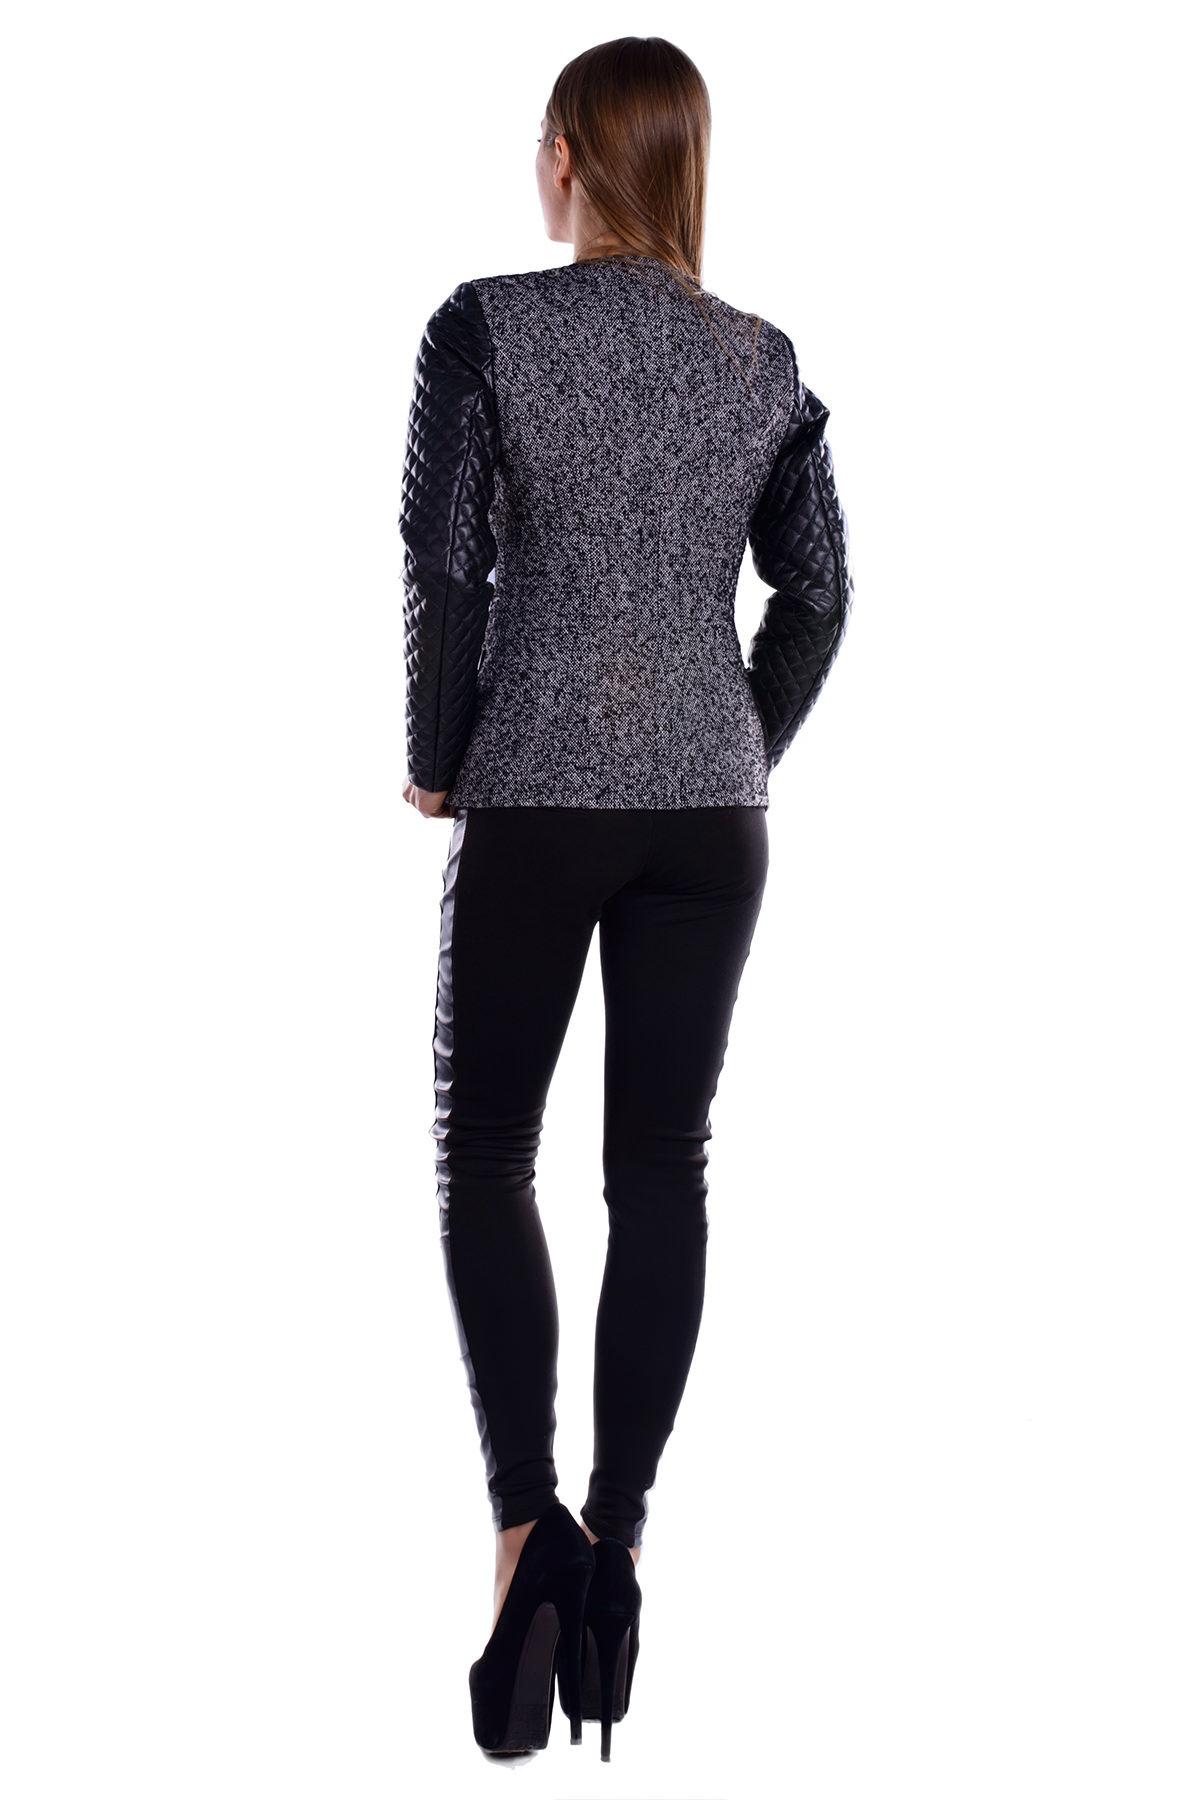 Пальто Инди шерсть АРТ. 5393 Цвет: Серый 1 меланж - фото 3, интернет магазин tm-modus.ru